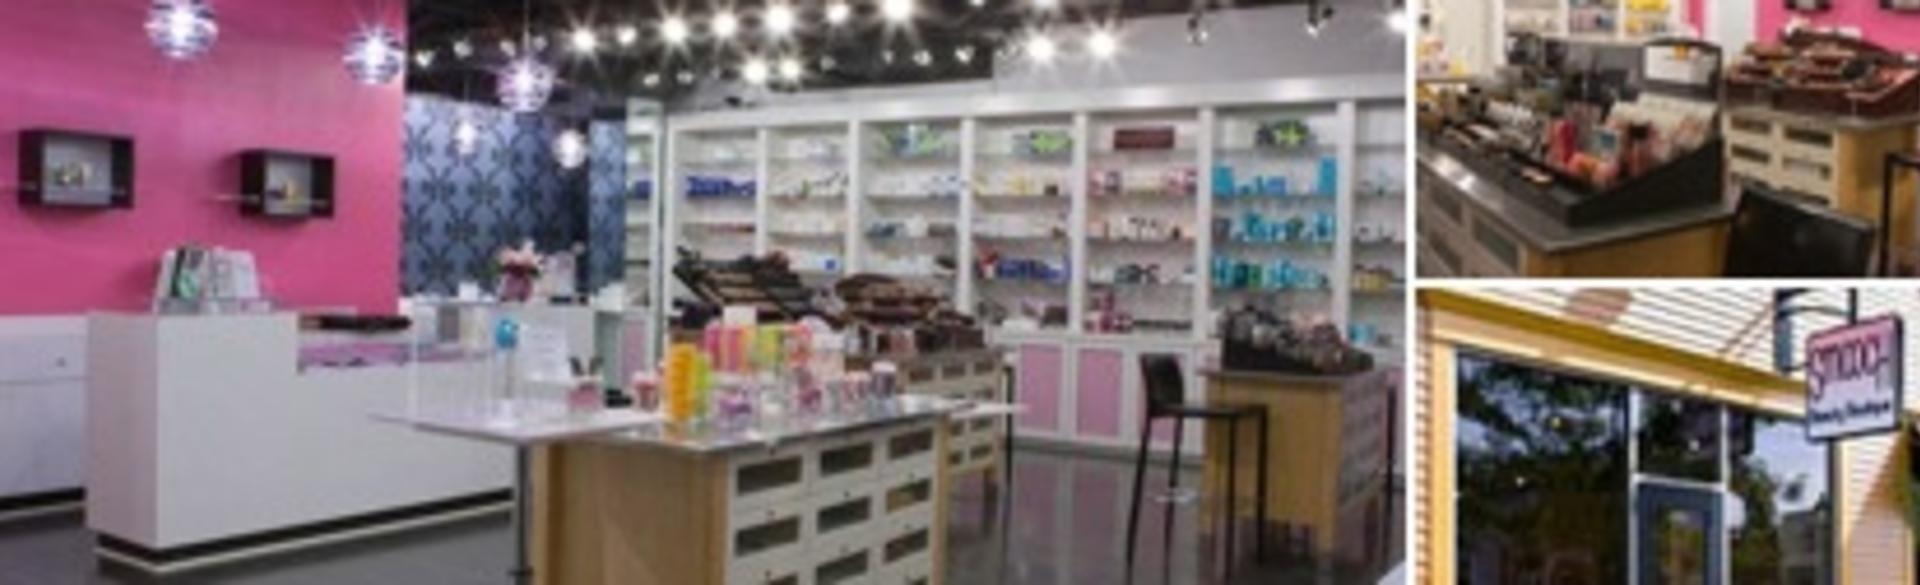 Smooch Boutique